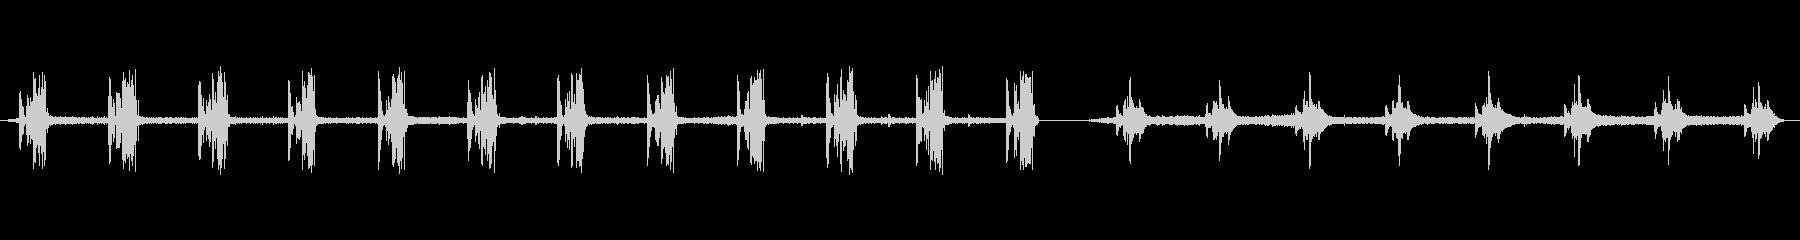 スチールプレス、WHIRL、CLA...の未再生の波形